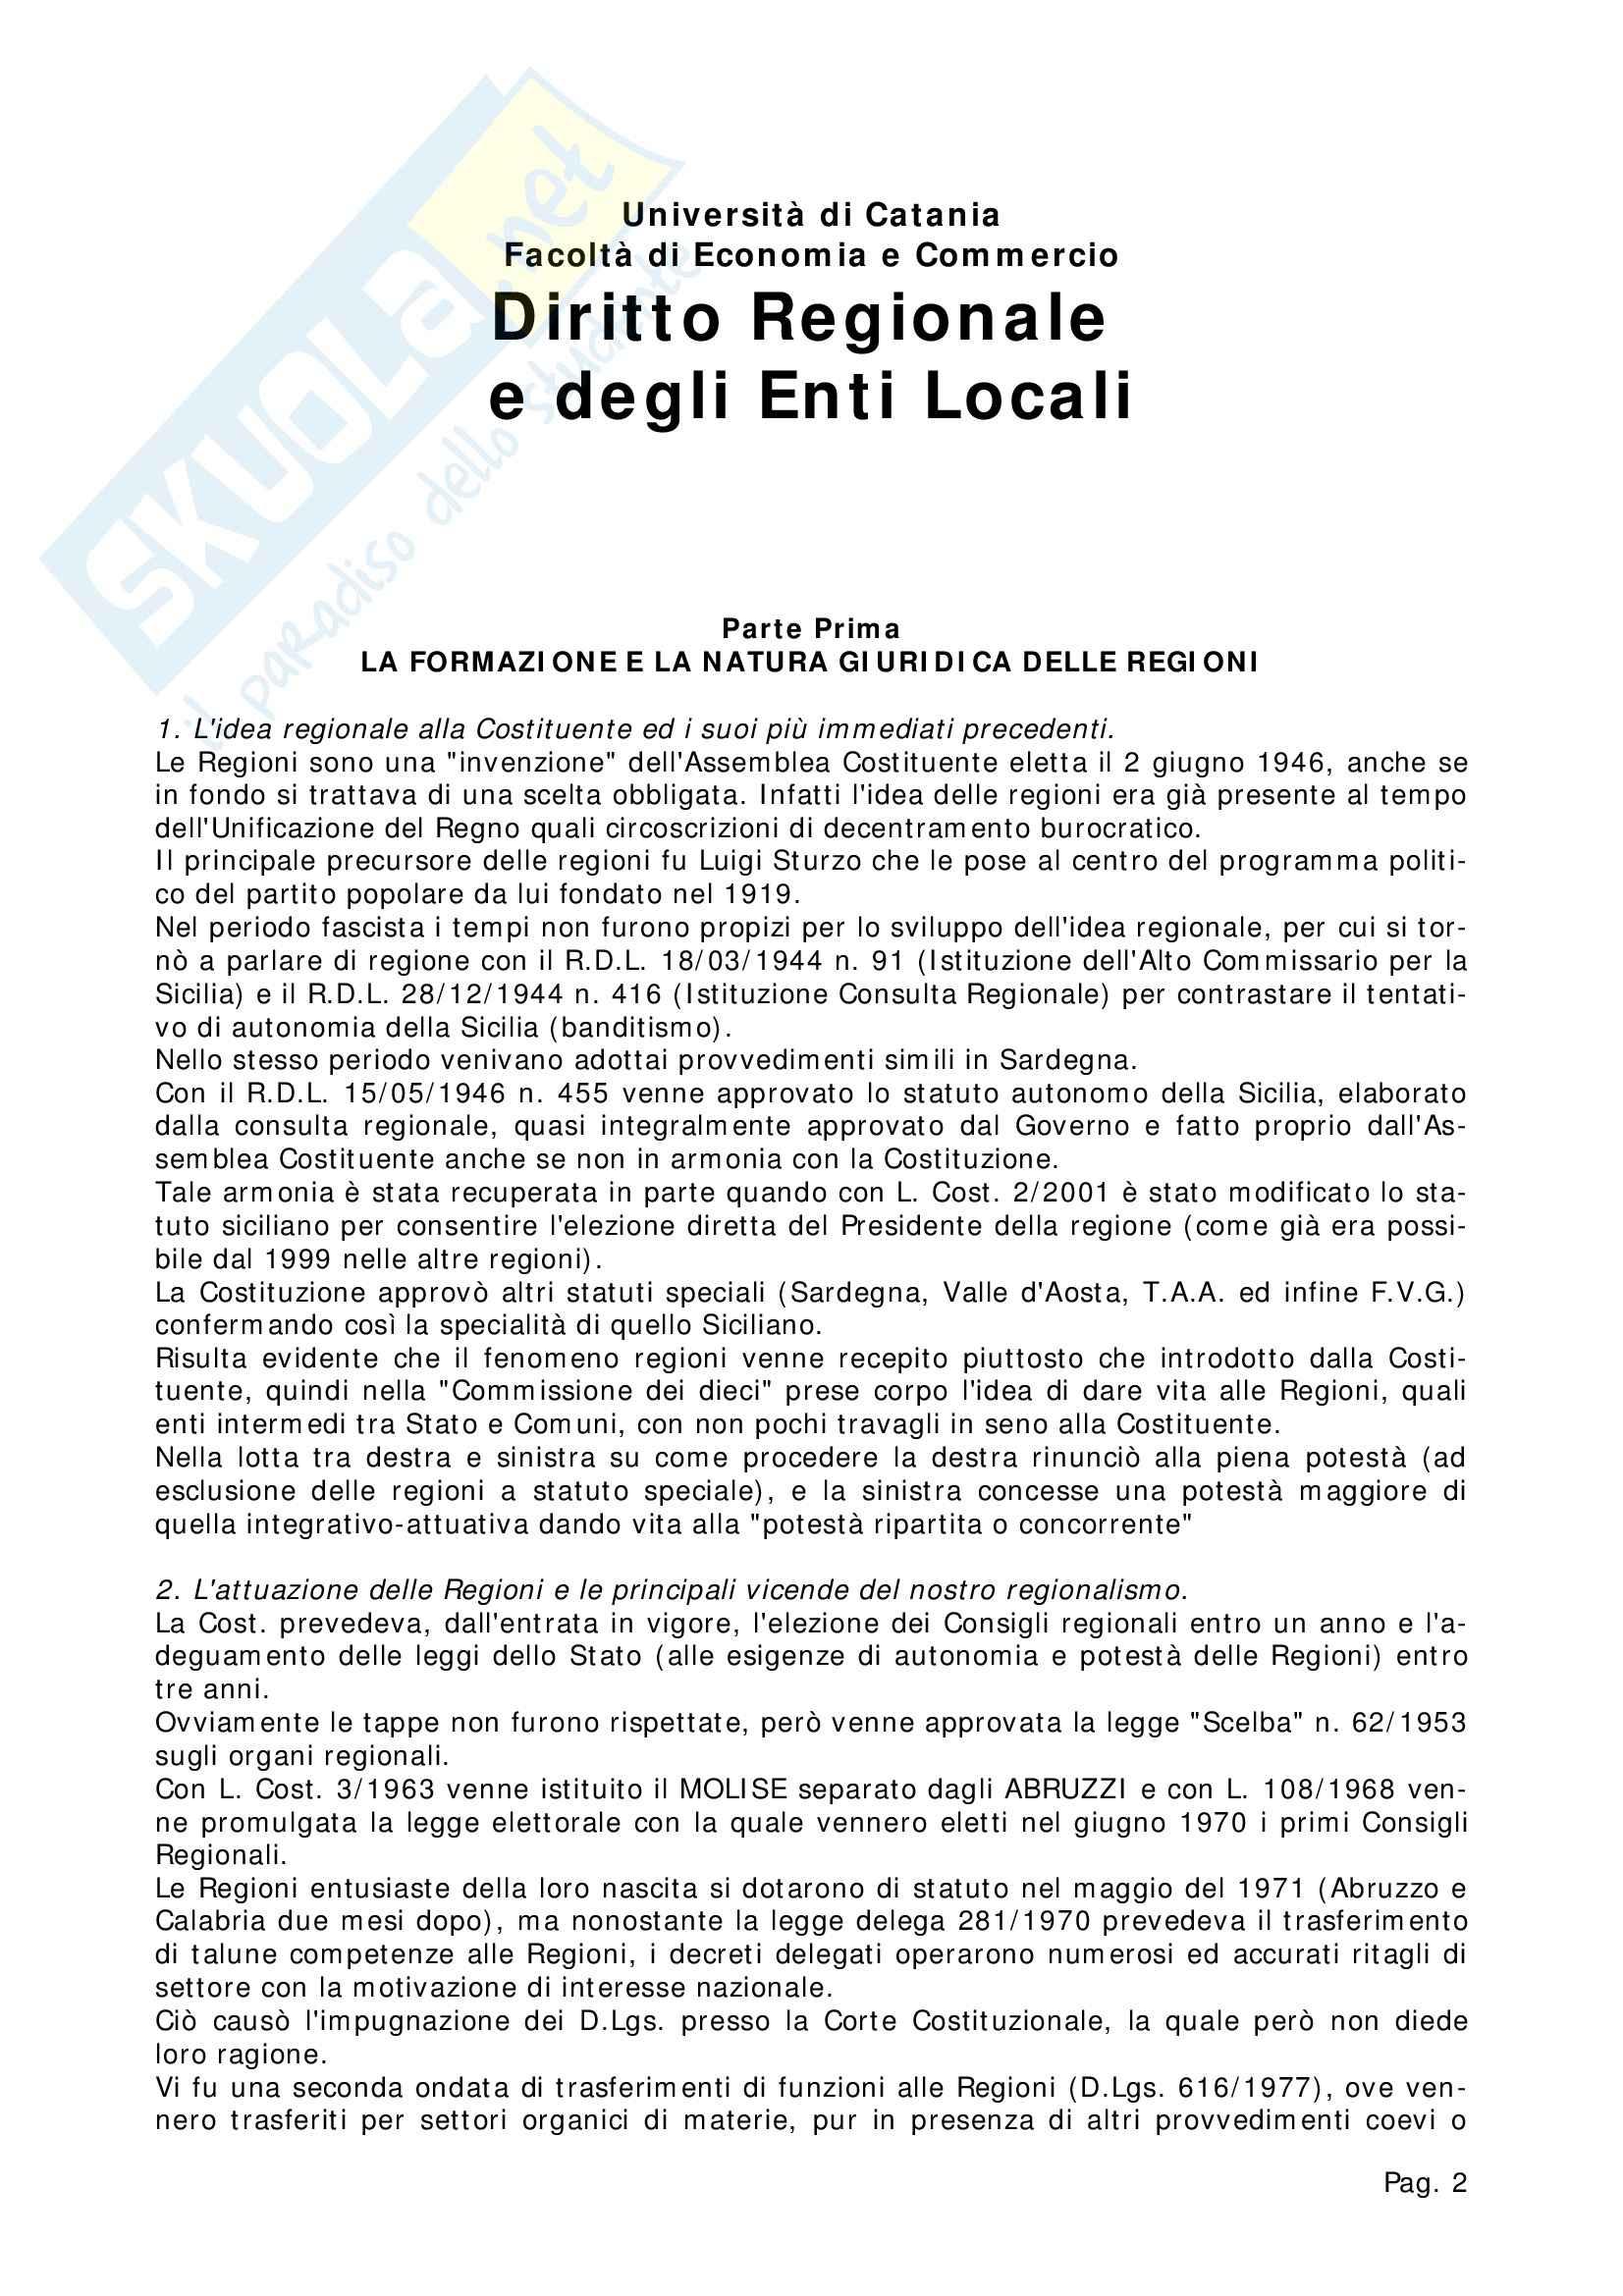 Riassunto esame Diritto Regionale, prof. Chiara, libro consigliato Lineamenti di Diritto regionale, Martines